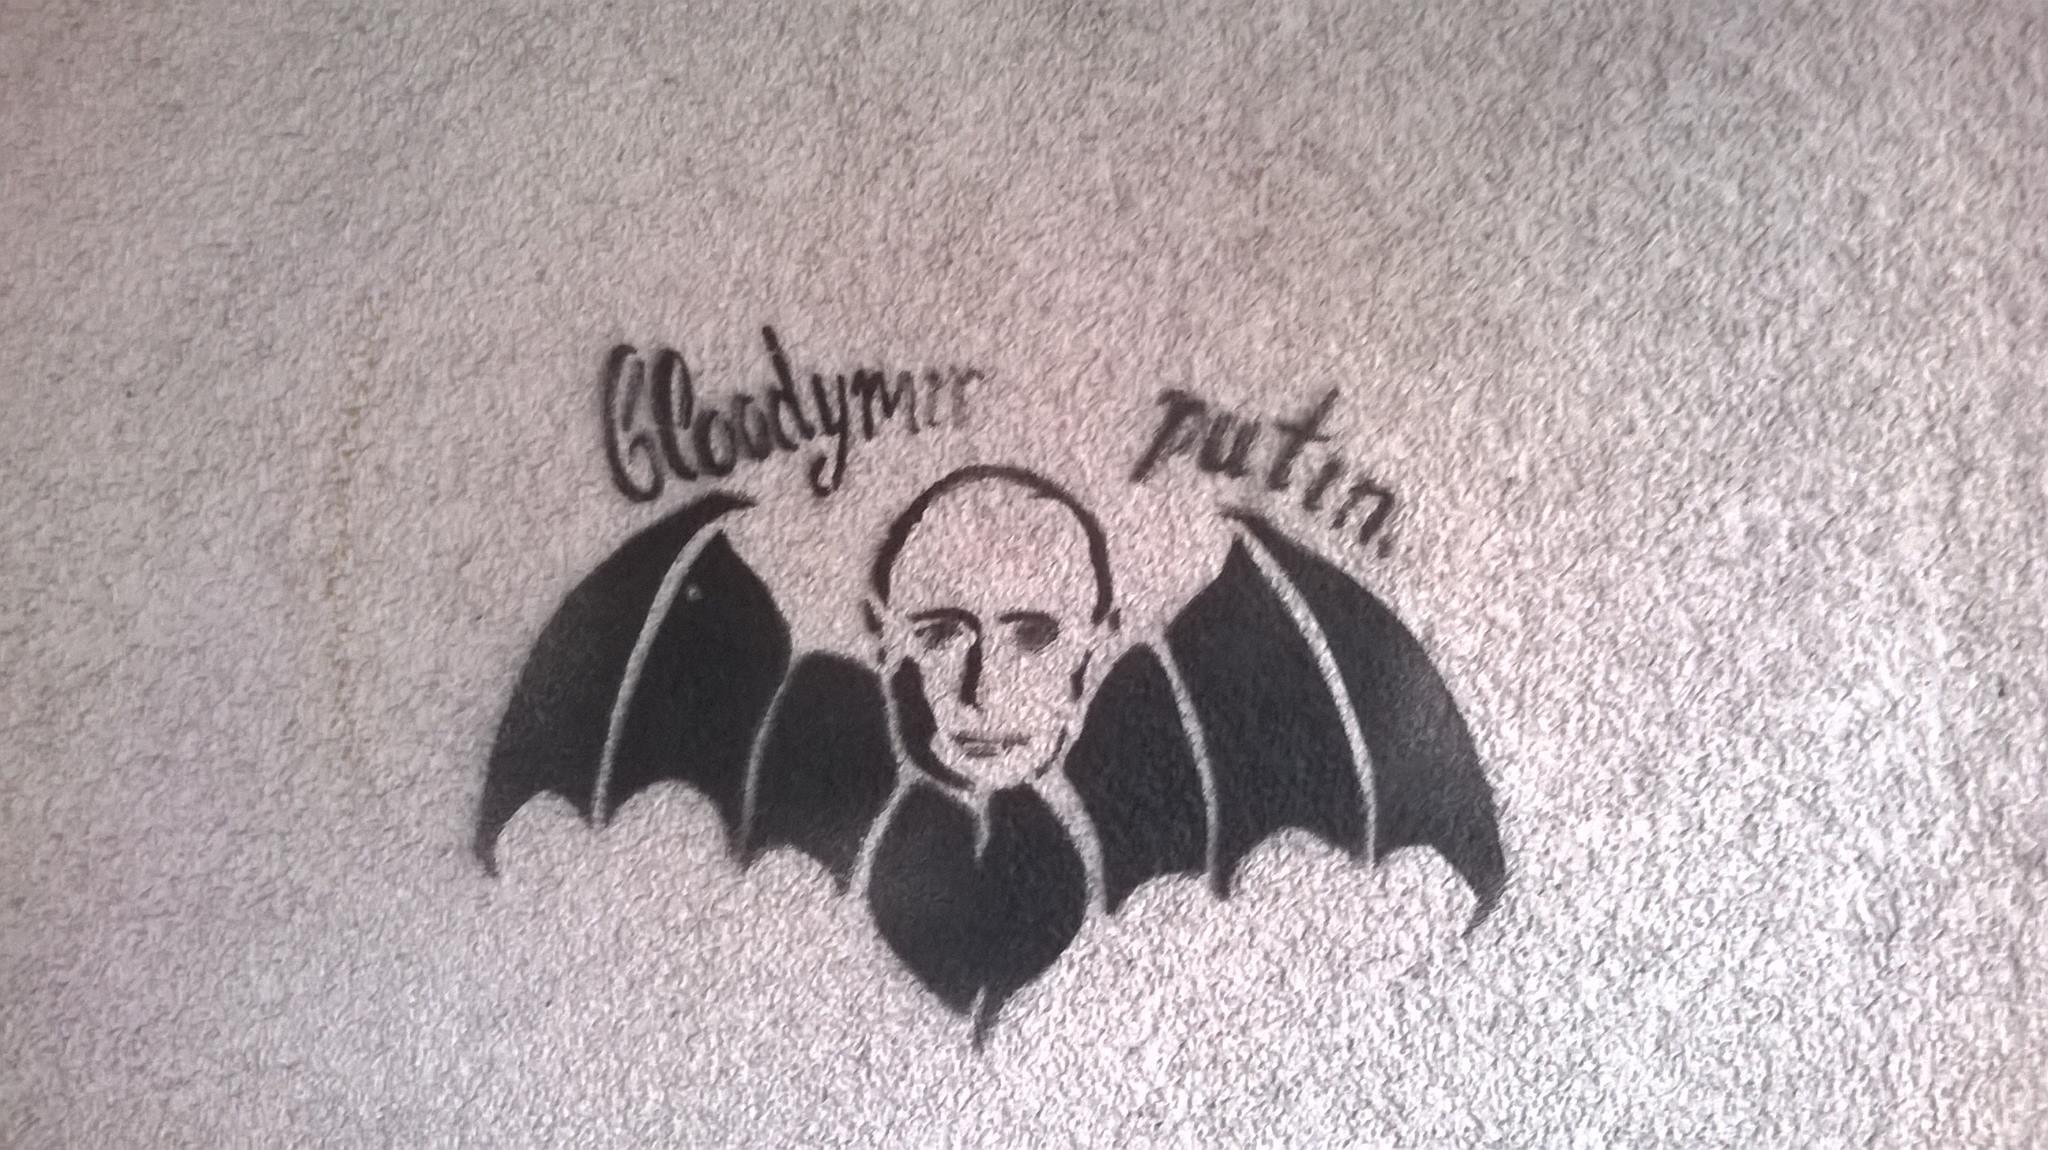 В Гамбурзі знайшли Путіна в образі путани (ФОТОФАКТ) - фото 1